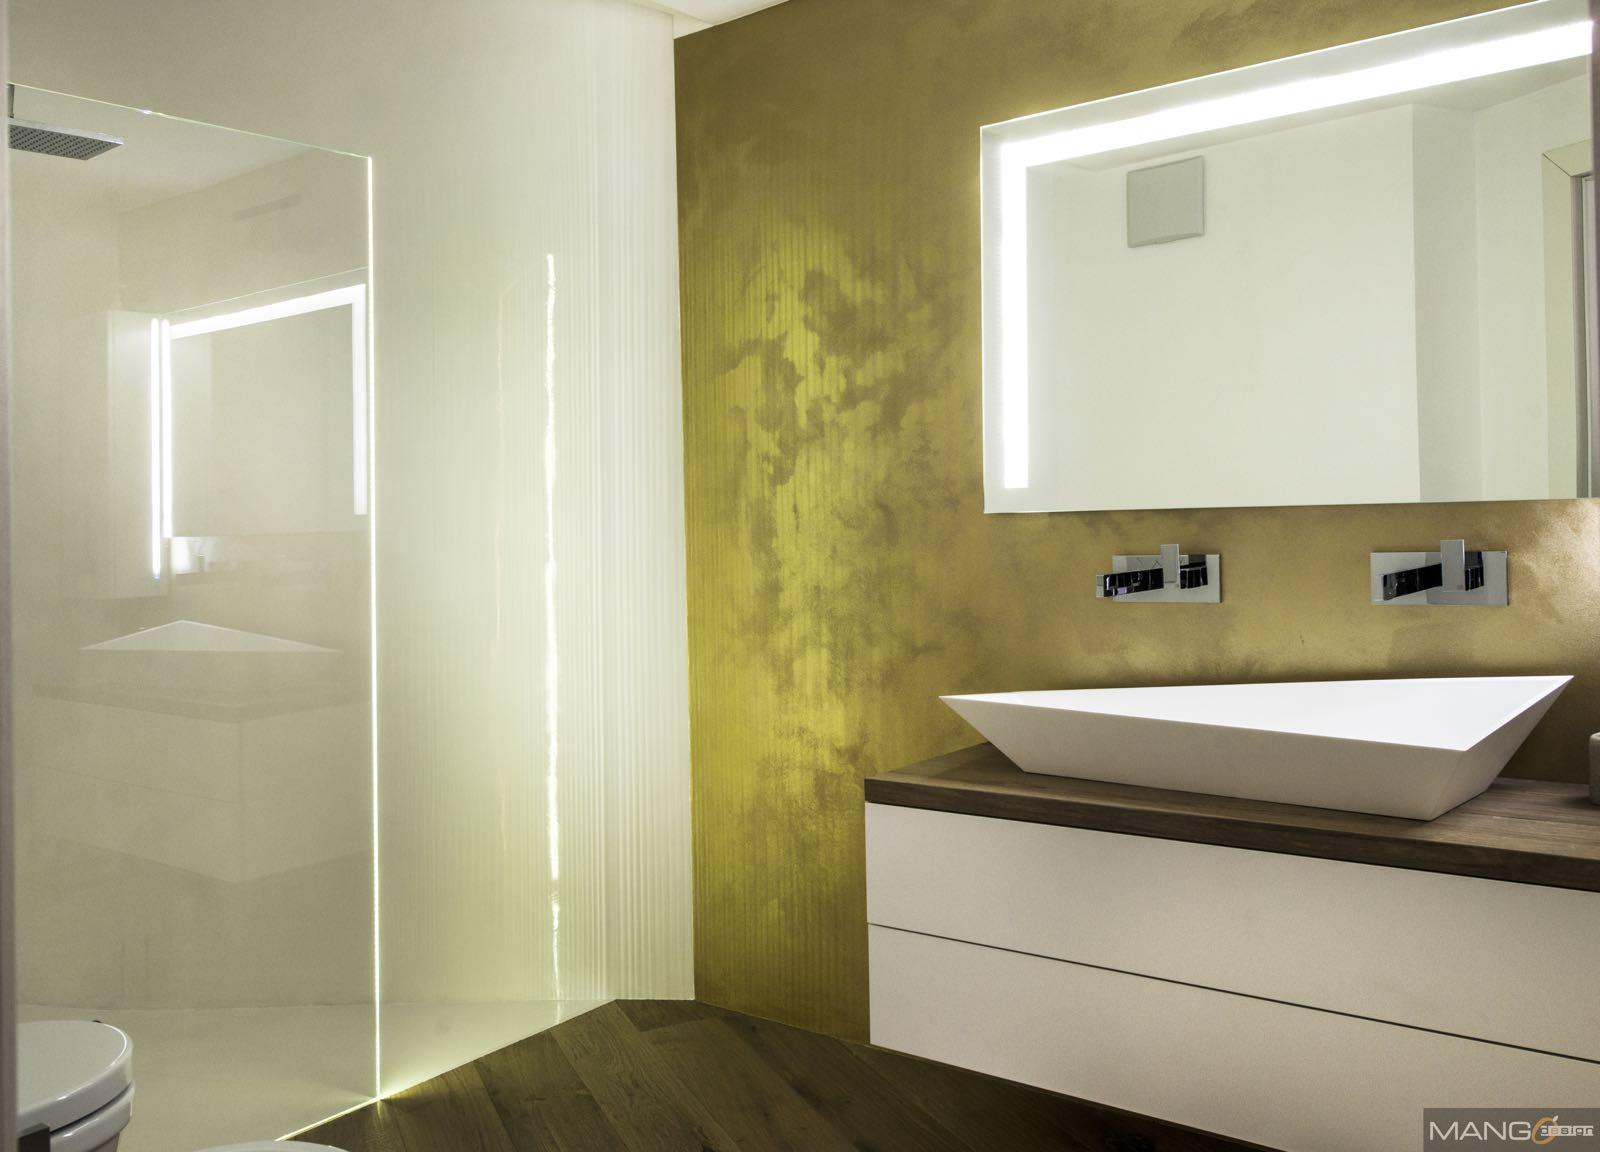 Falegnameria gasperi design e tradizione - Rubinetteria bagno bianco oro ...